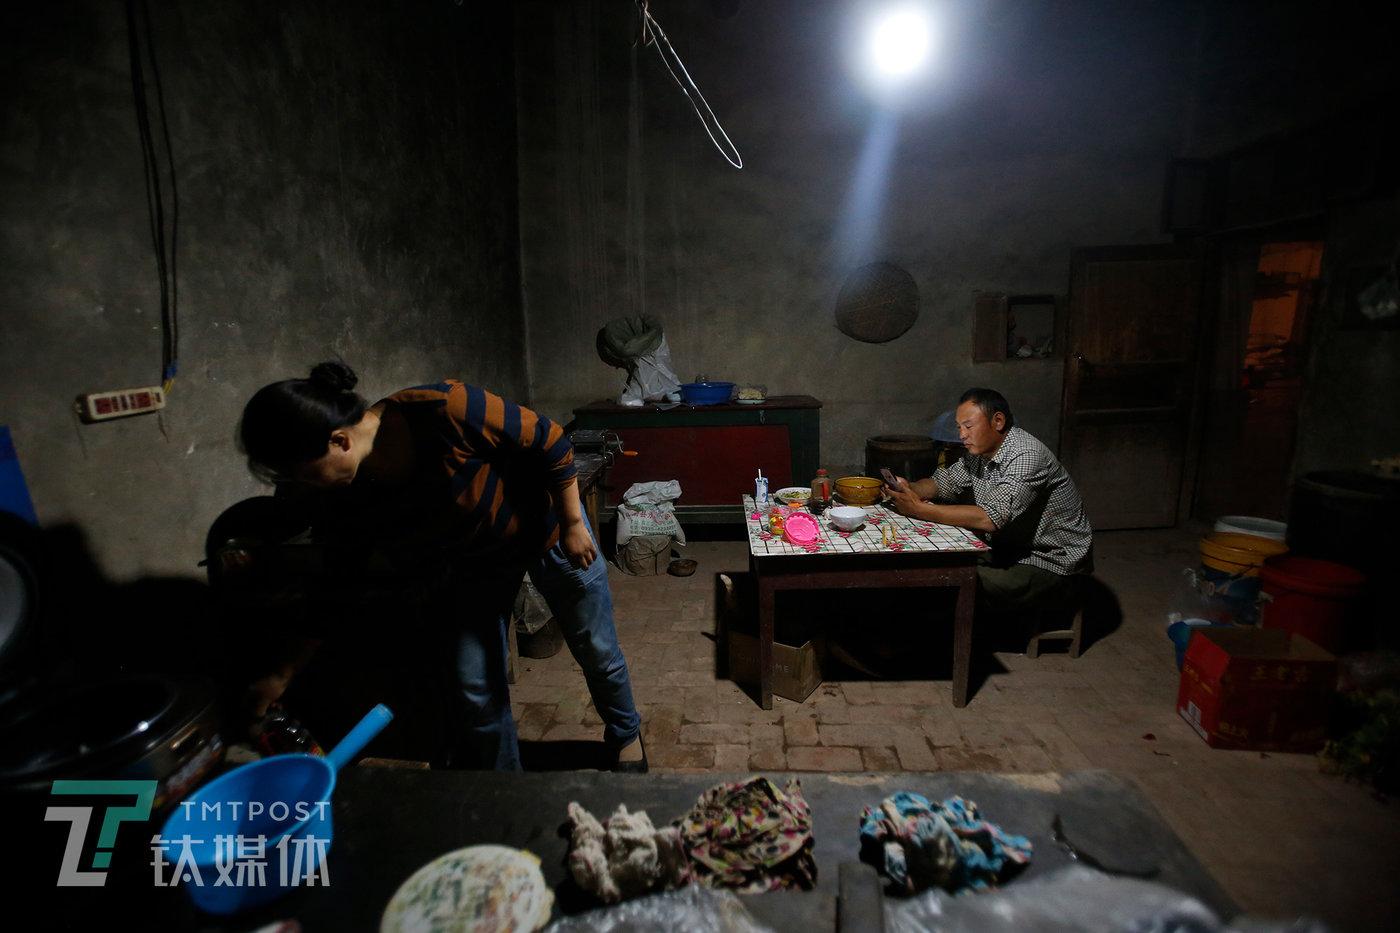 晚上收工回家,妻子匆匆准备晚饭,薛志明开始联系水果商。